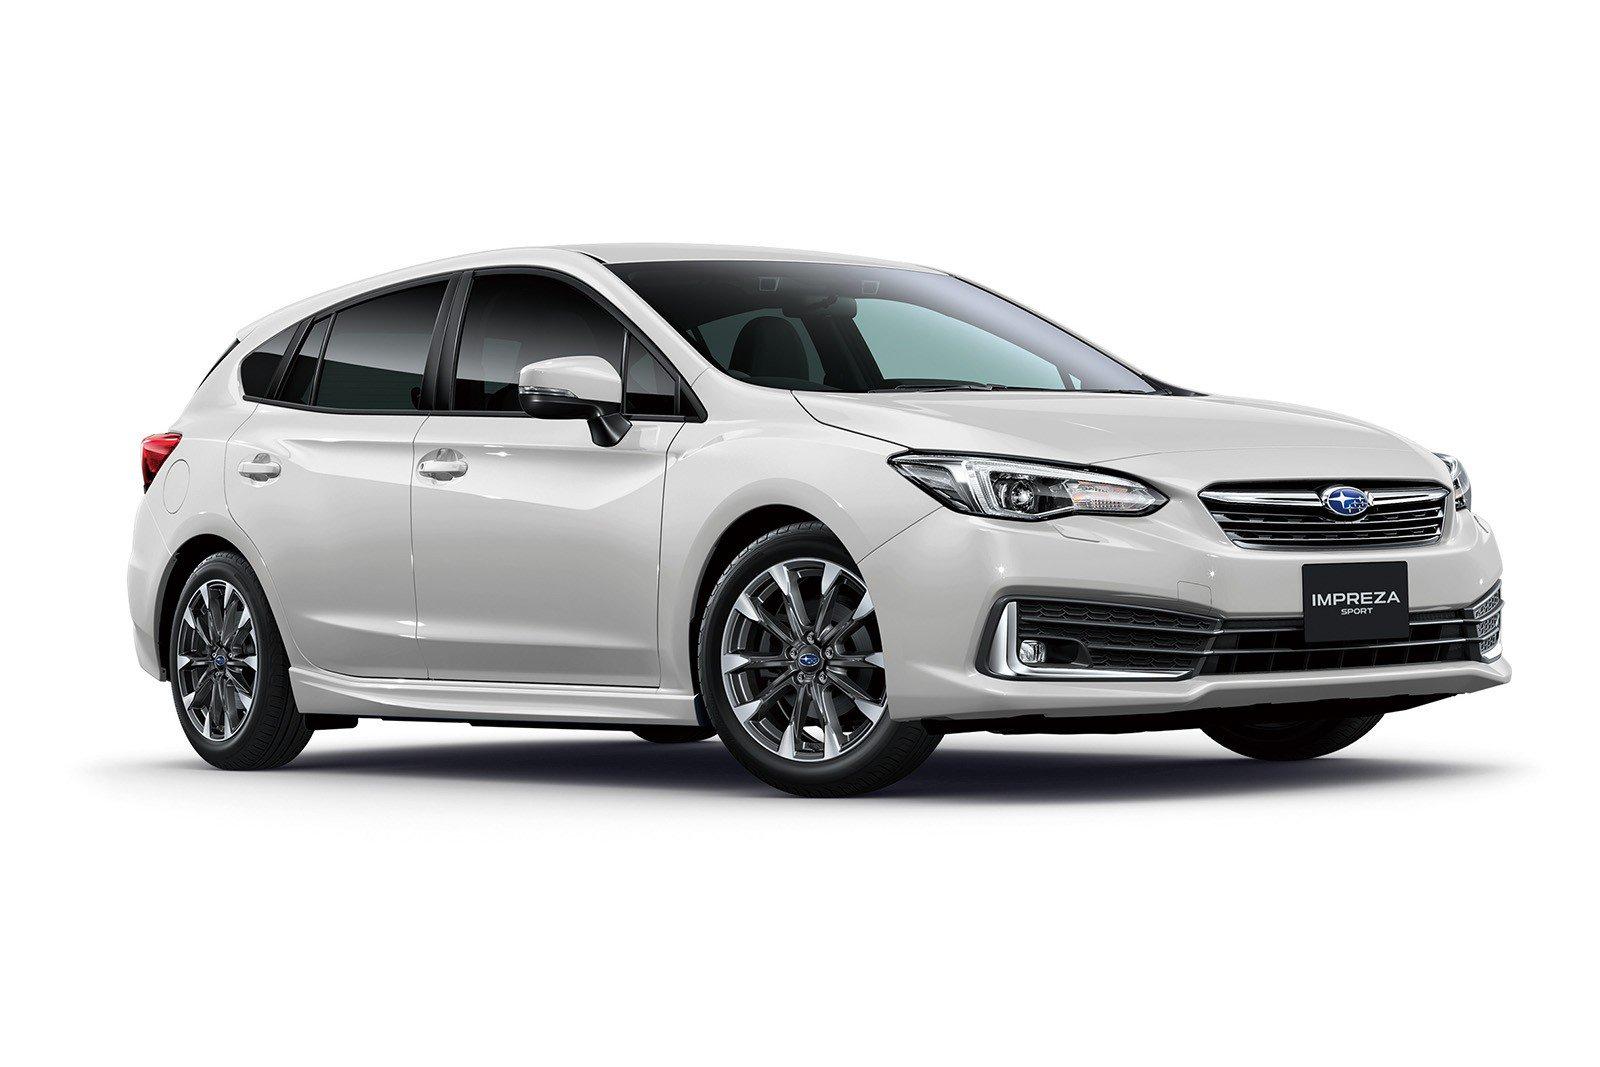 Subaru-Impreza-facelift-21